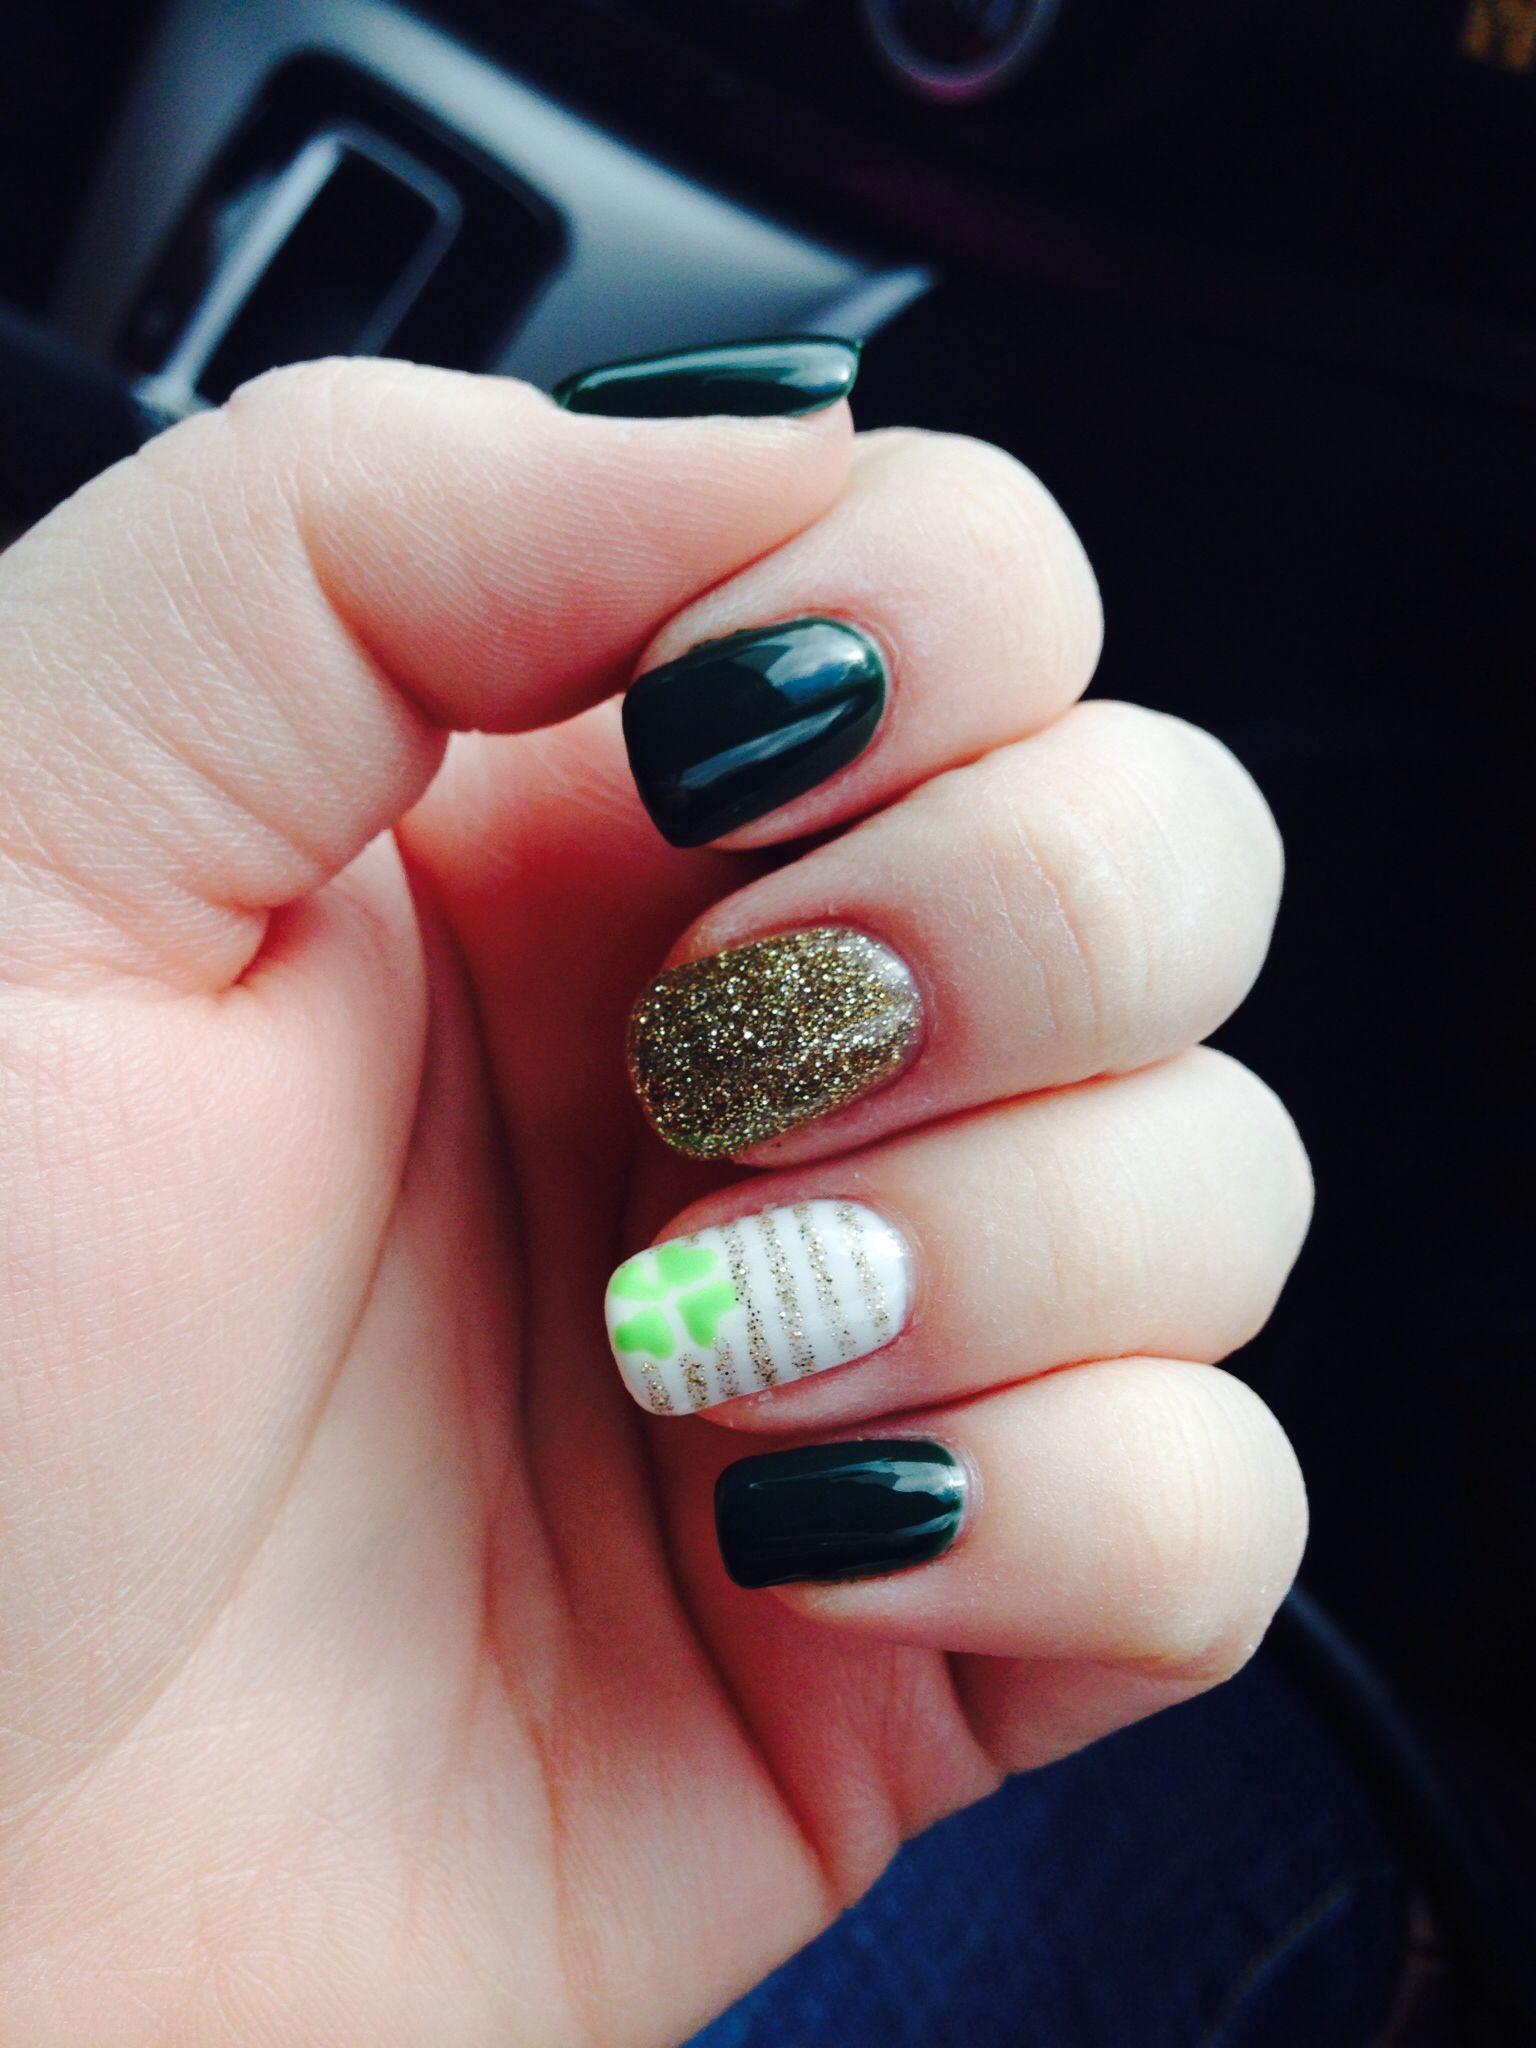 St. Patricks day nails, dark green nails, clover shamrock nail art ...